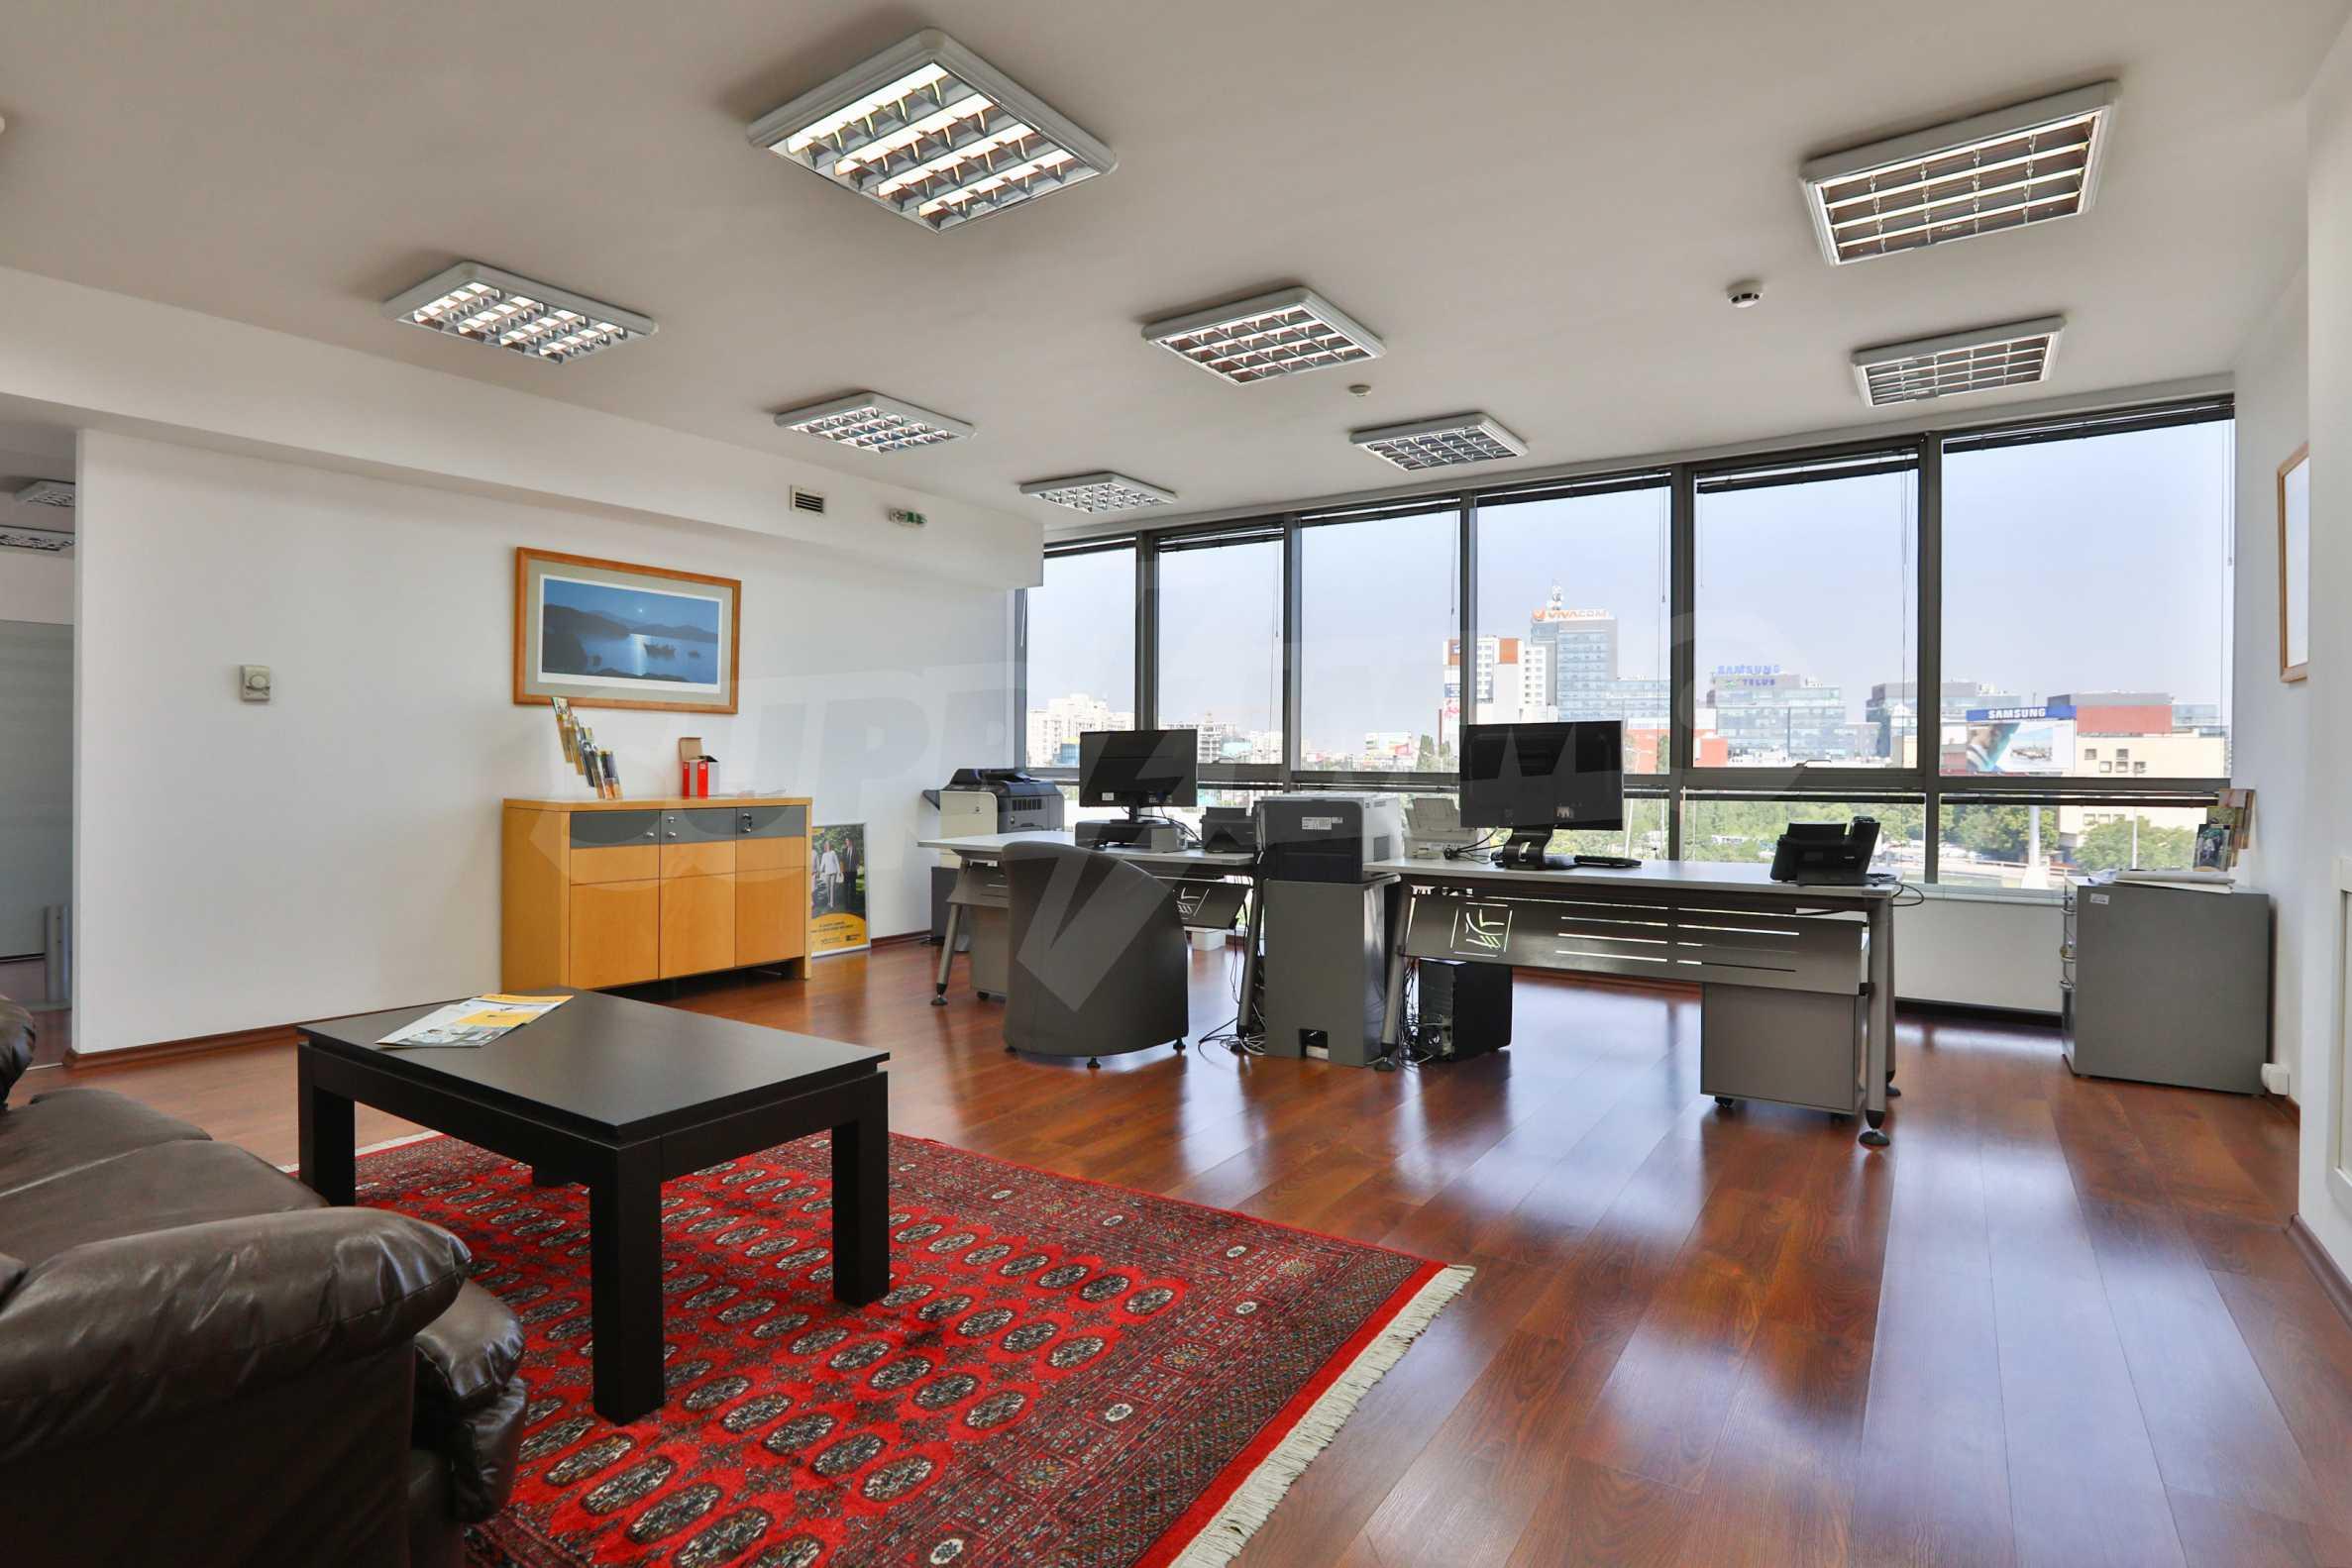 Площи тип open space в офис зоната на бул. Цариградско шосе 29